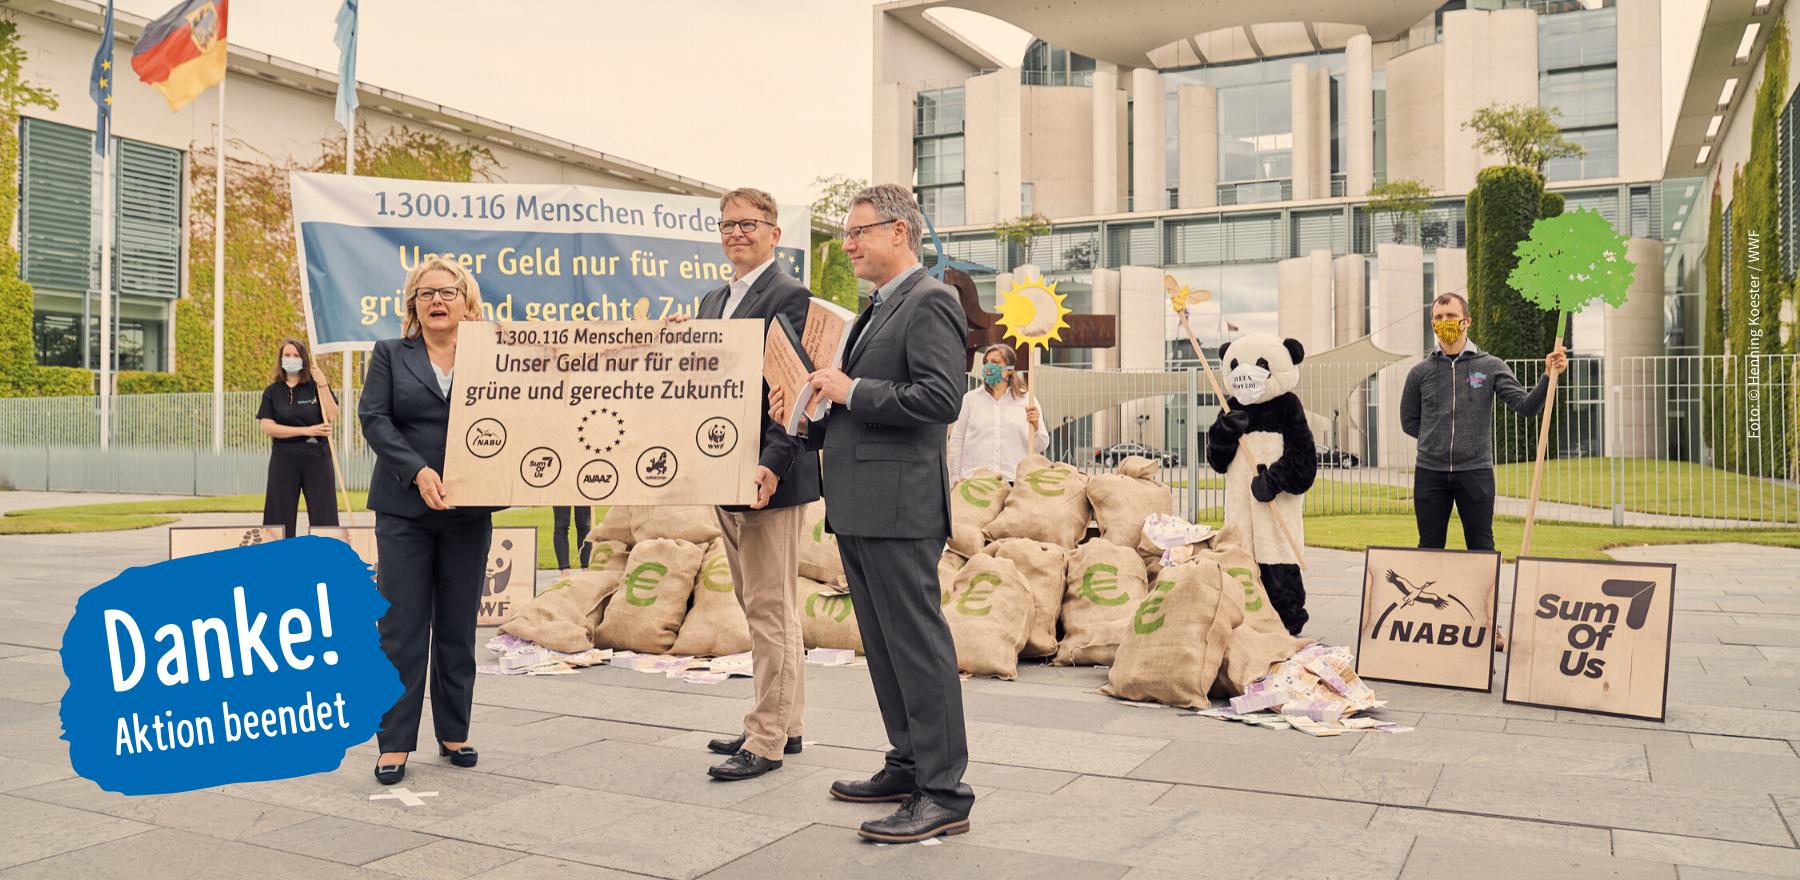 Übergabe der Unterschriften an Umweltministerin Schulze am 1. Juli 2020